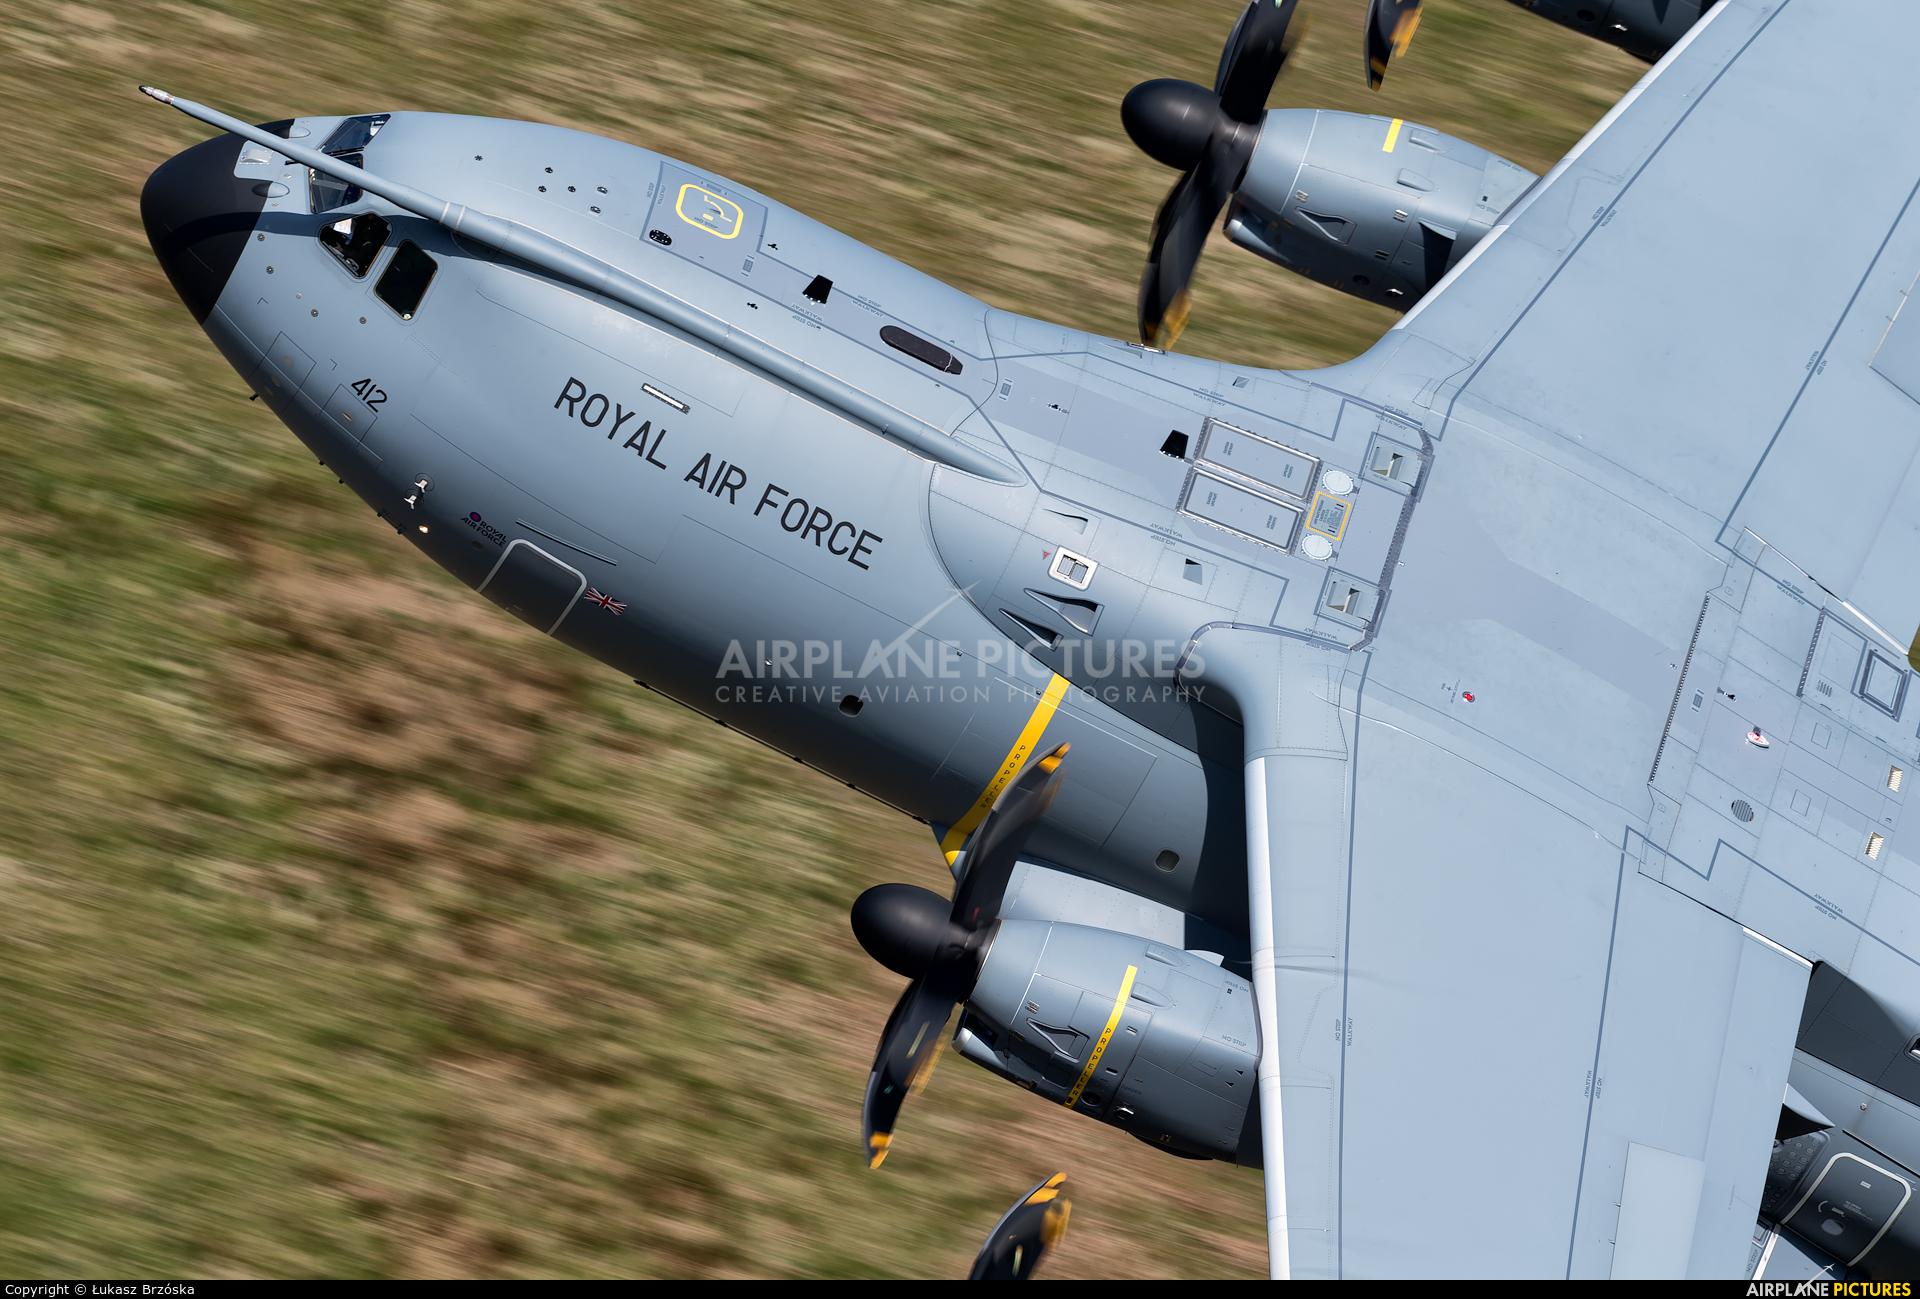 Royal Air Force ZM412 aircraft at Machynlleth Loop - LFA 7